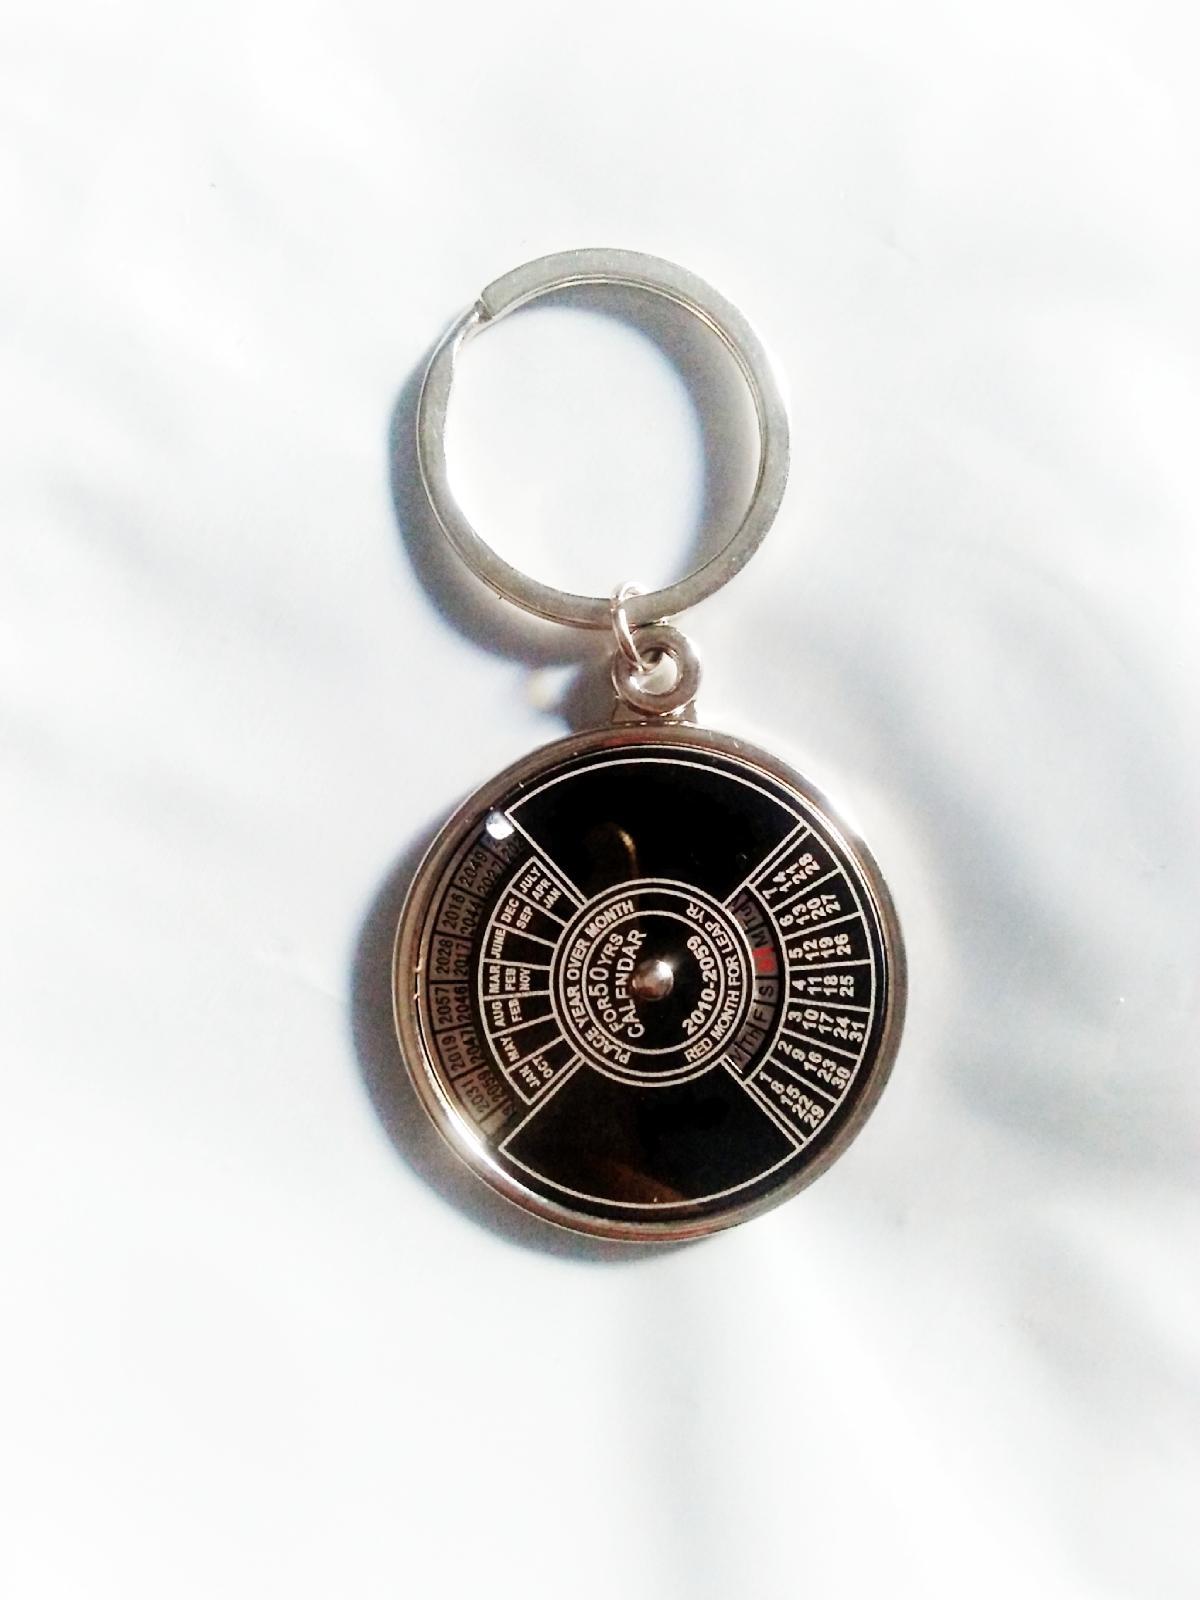 50 Year Calendar Keychain Price In Pakistan   Calendar